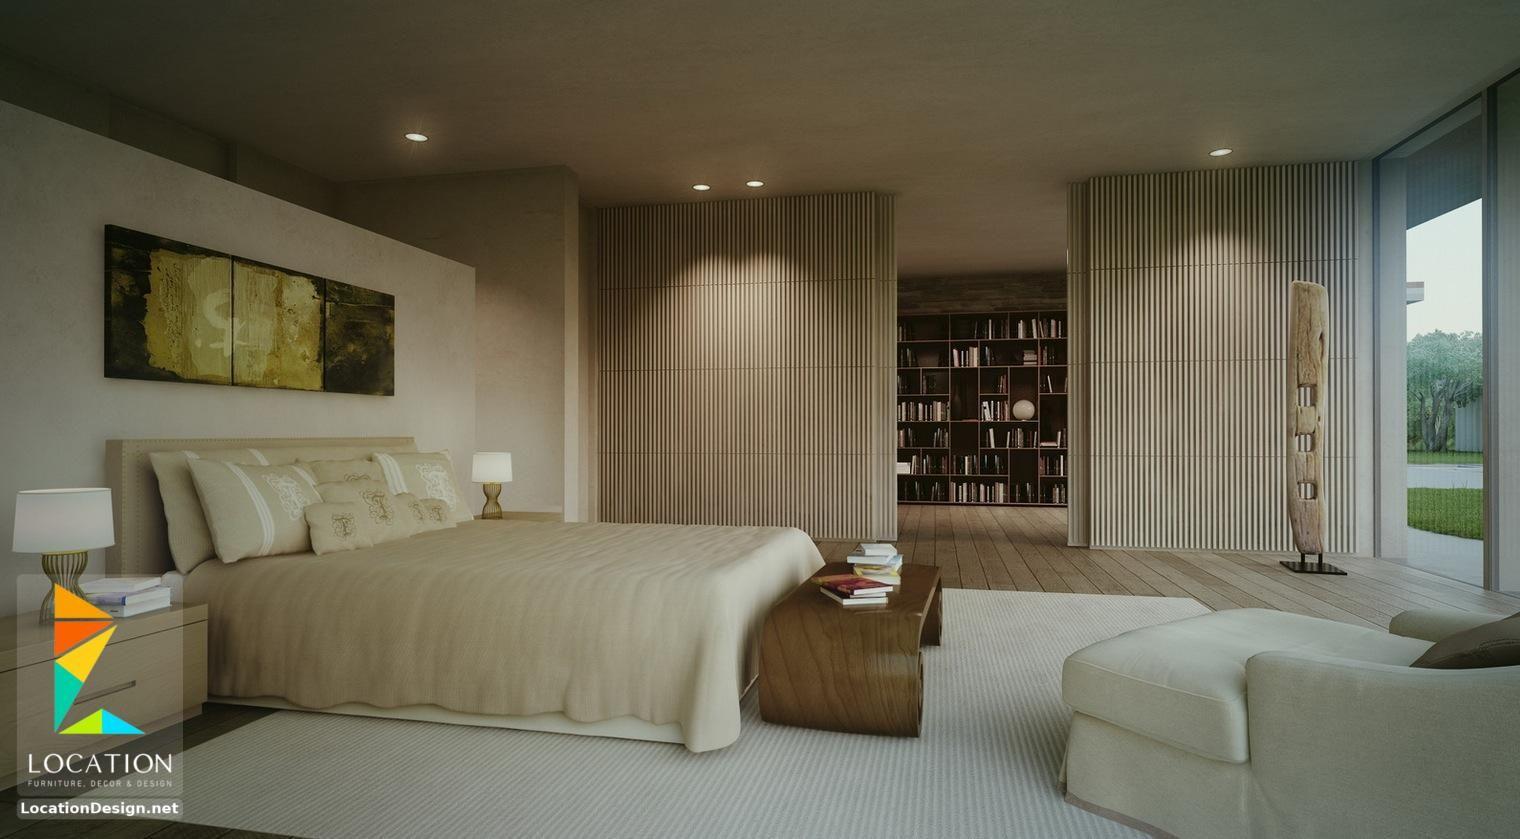 غرف نوم للعرسان مصرية 2019 2020 Modern Master Bedroom Design Master Bedroom Interior Design Modern Master Bedroom